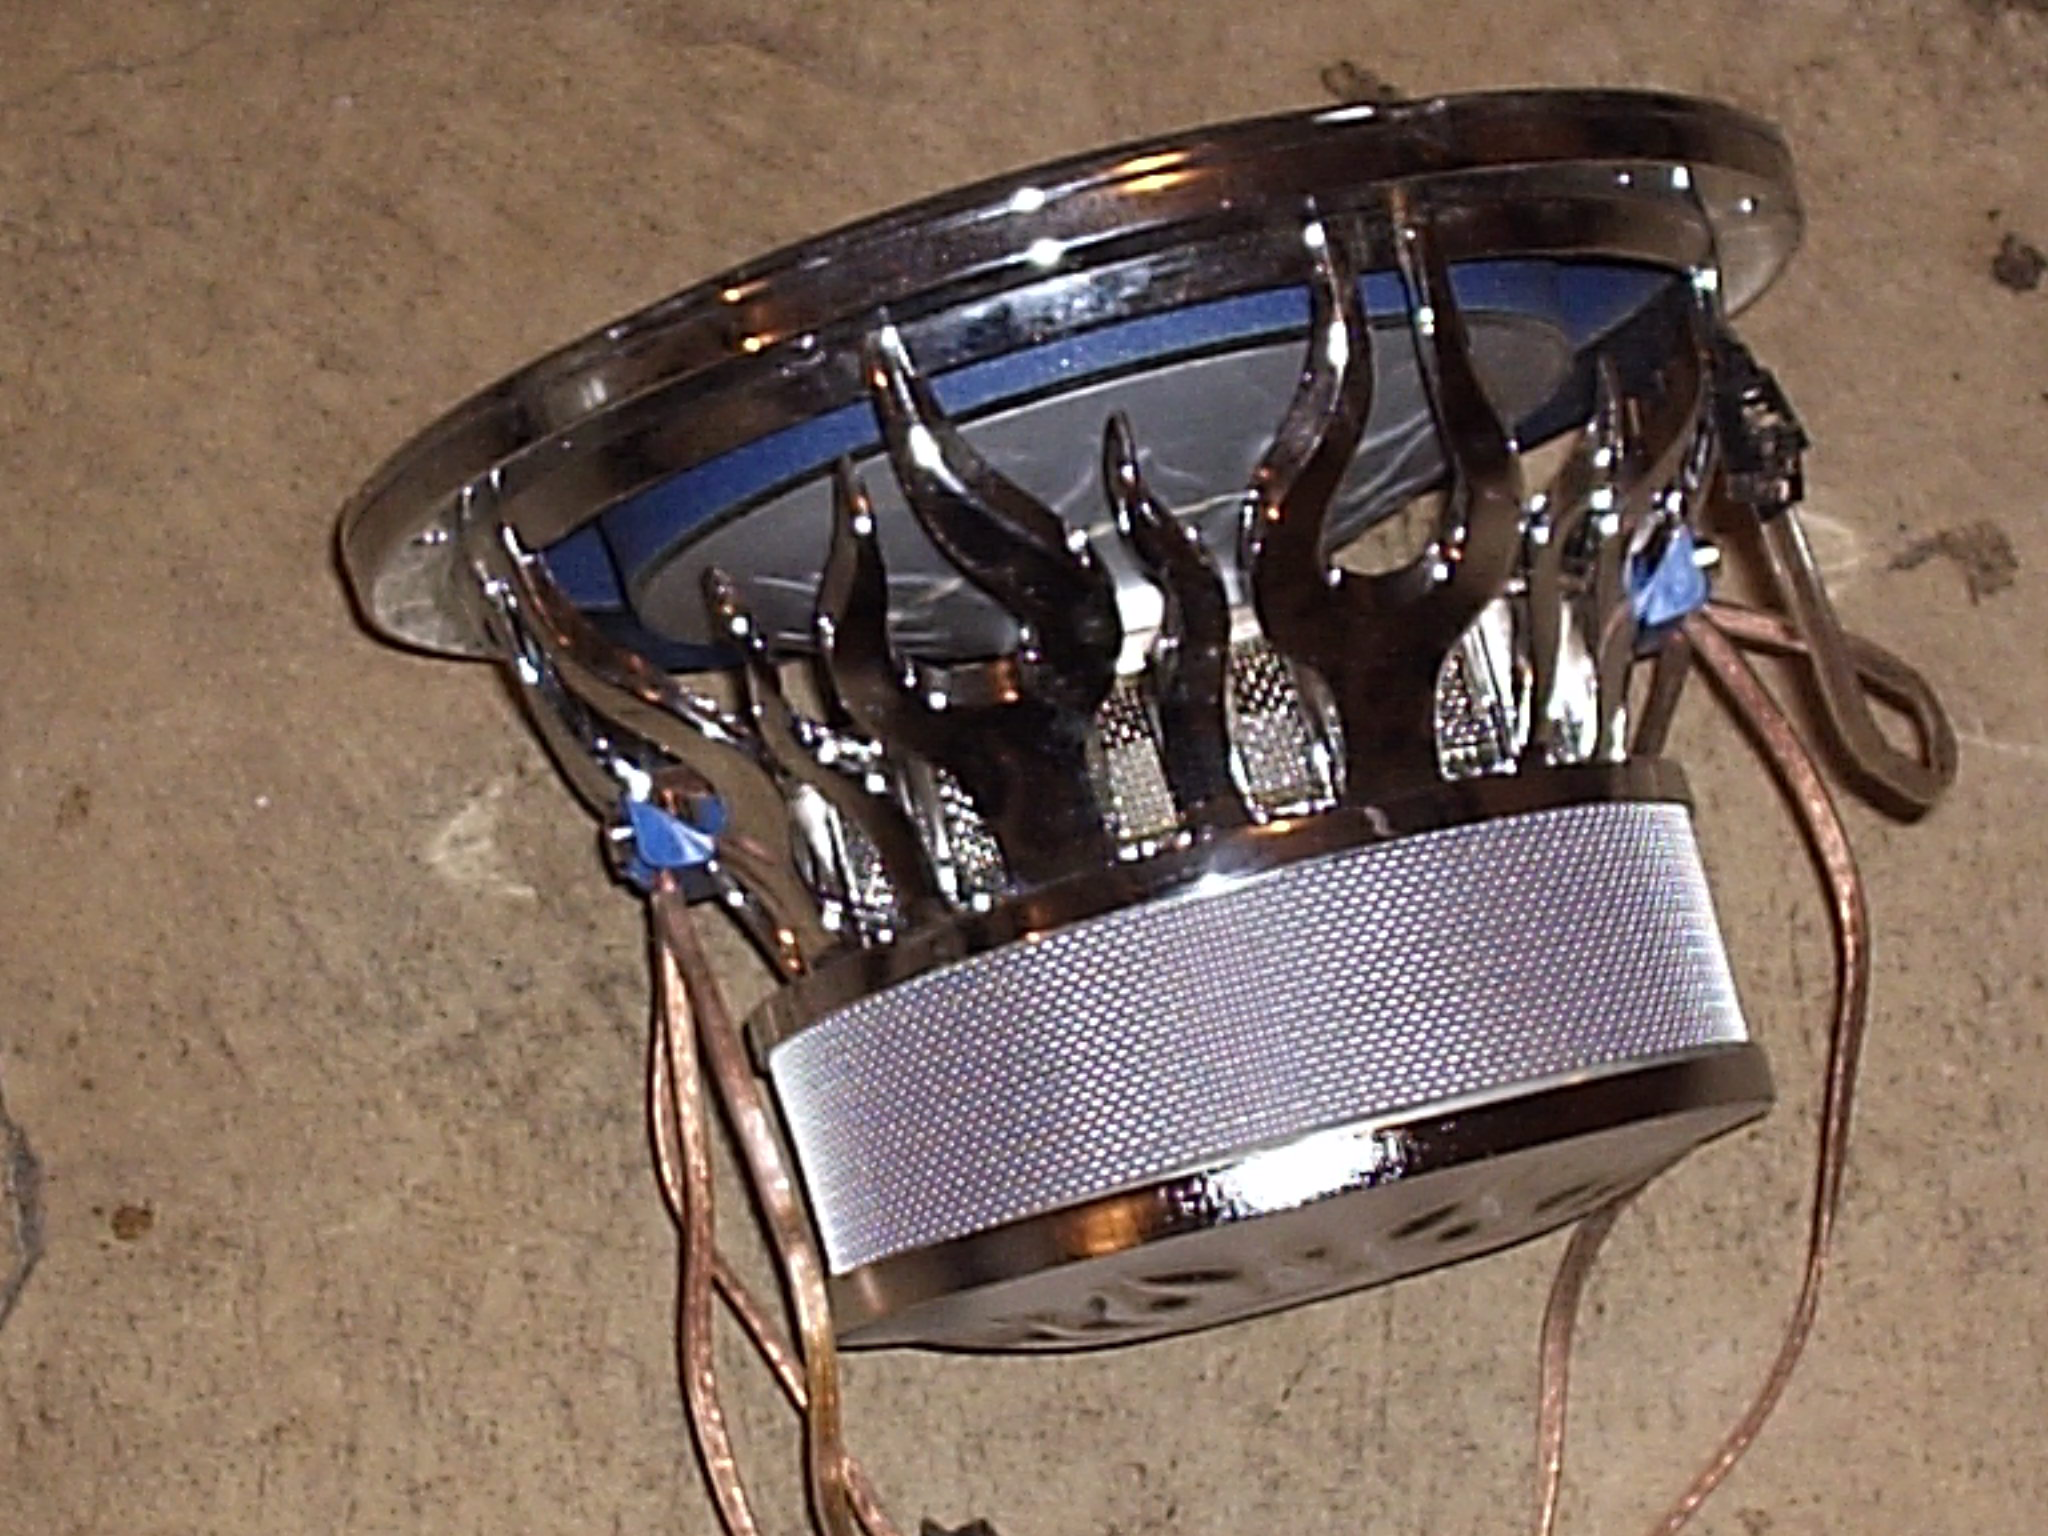 154971d1227479701 audiobahn subs p3180068?resize=665%2C499&ssl=1 audiobahn aw1206t wiring diagram wiring diagram images audiobahn aw1206t wiring diagram at gsmportal.co